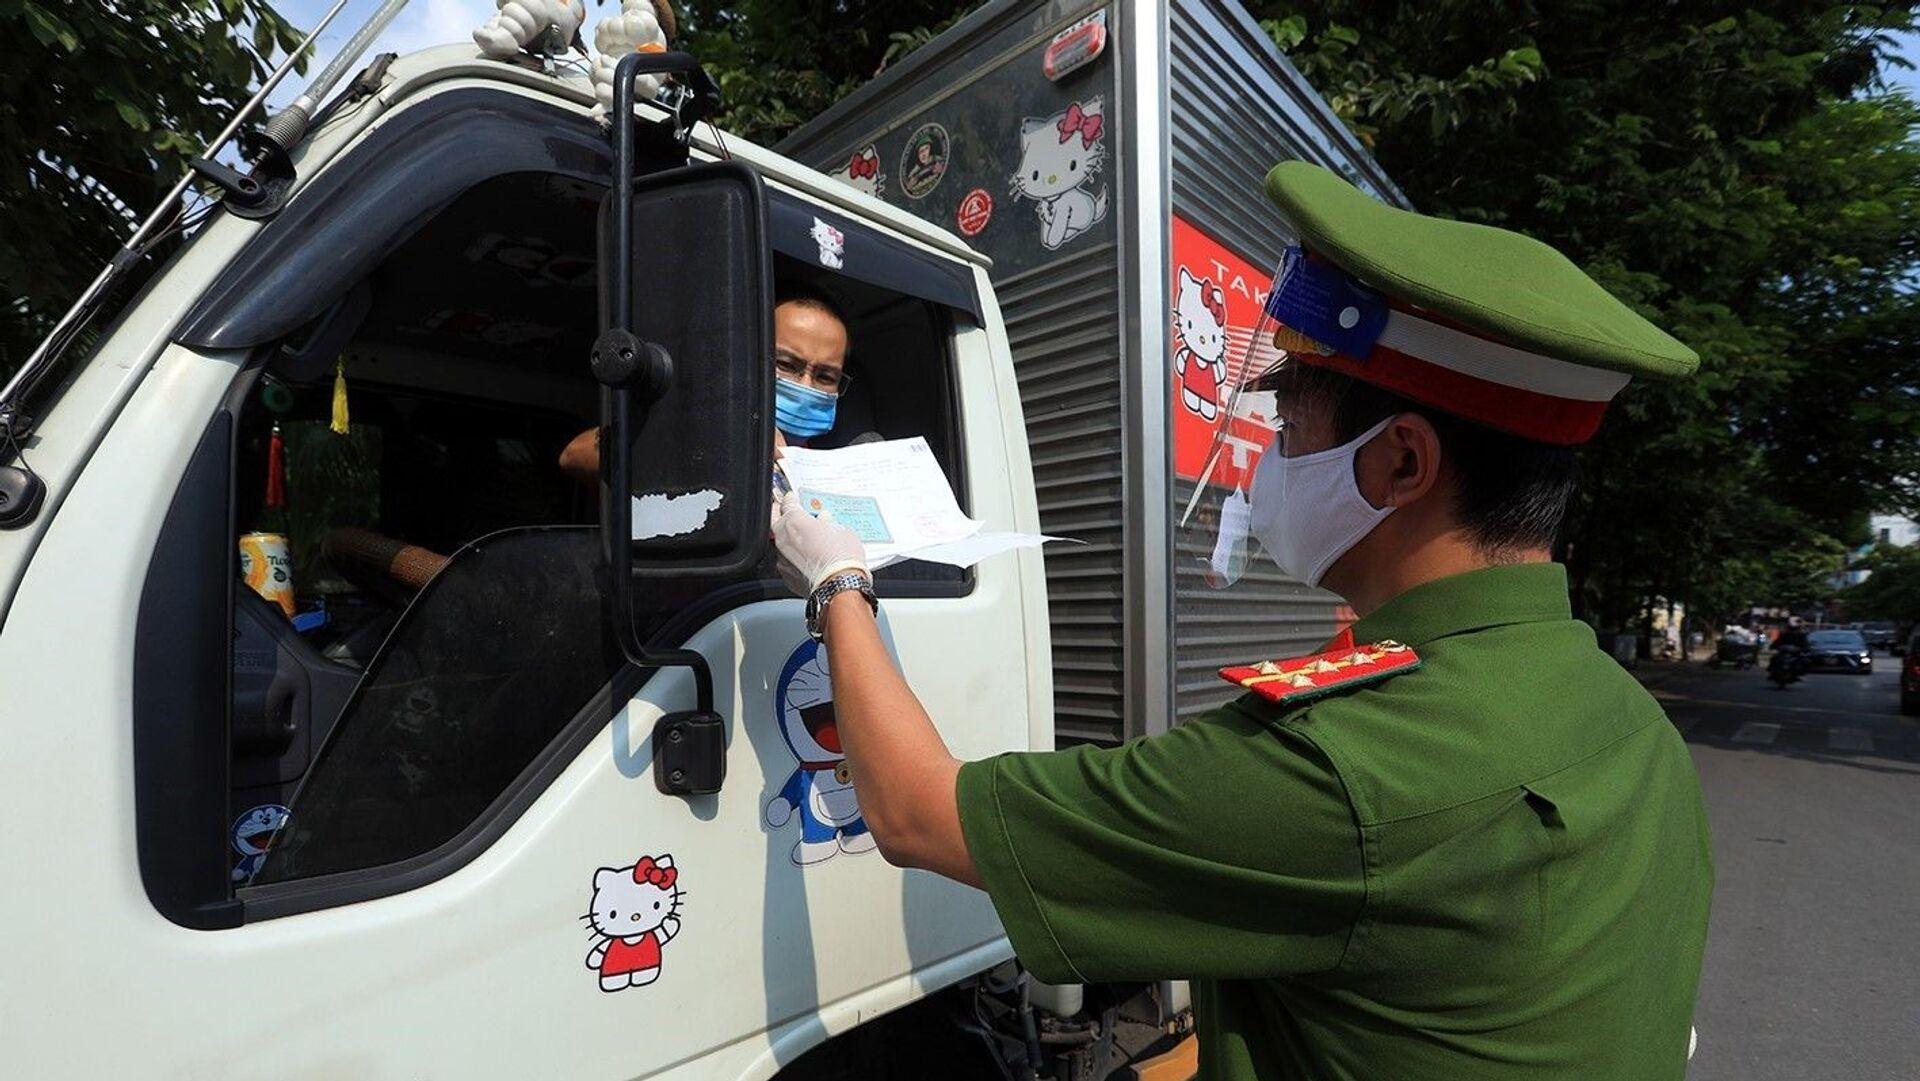 Công an kiểm tra giấy đi đường và giấy phép vận chuyển hàng hóa thiết yếu của các phương tiện vận tải - Sputnik Việt Nam, 1920, 22.09.2021